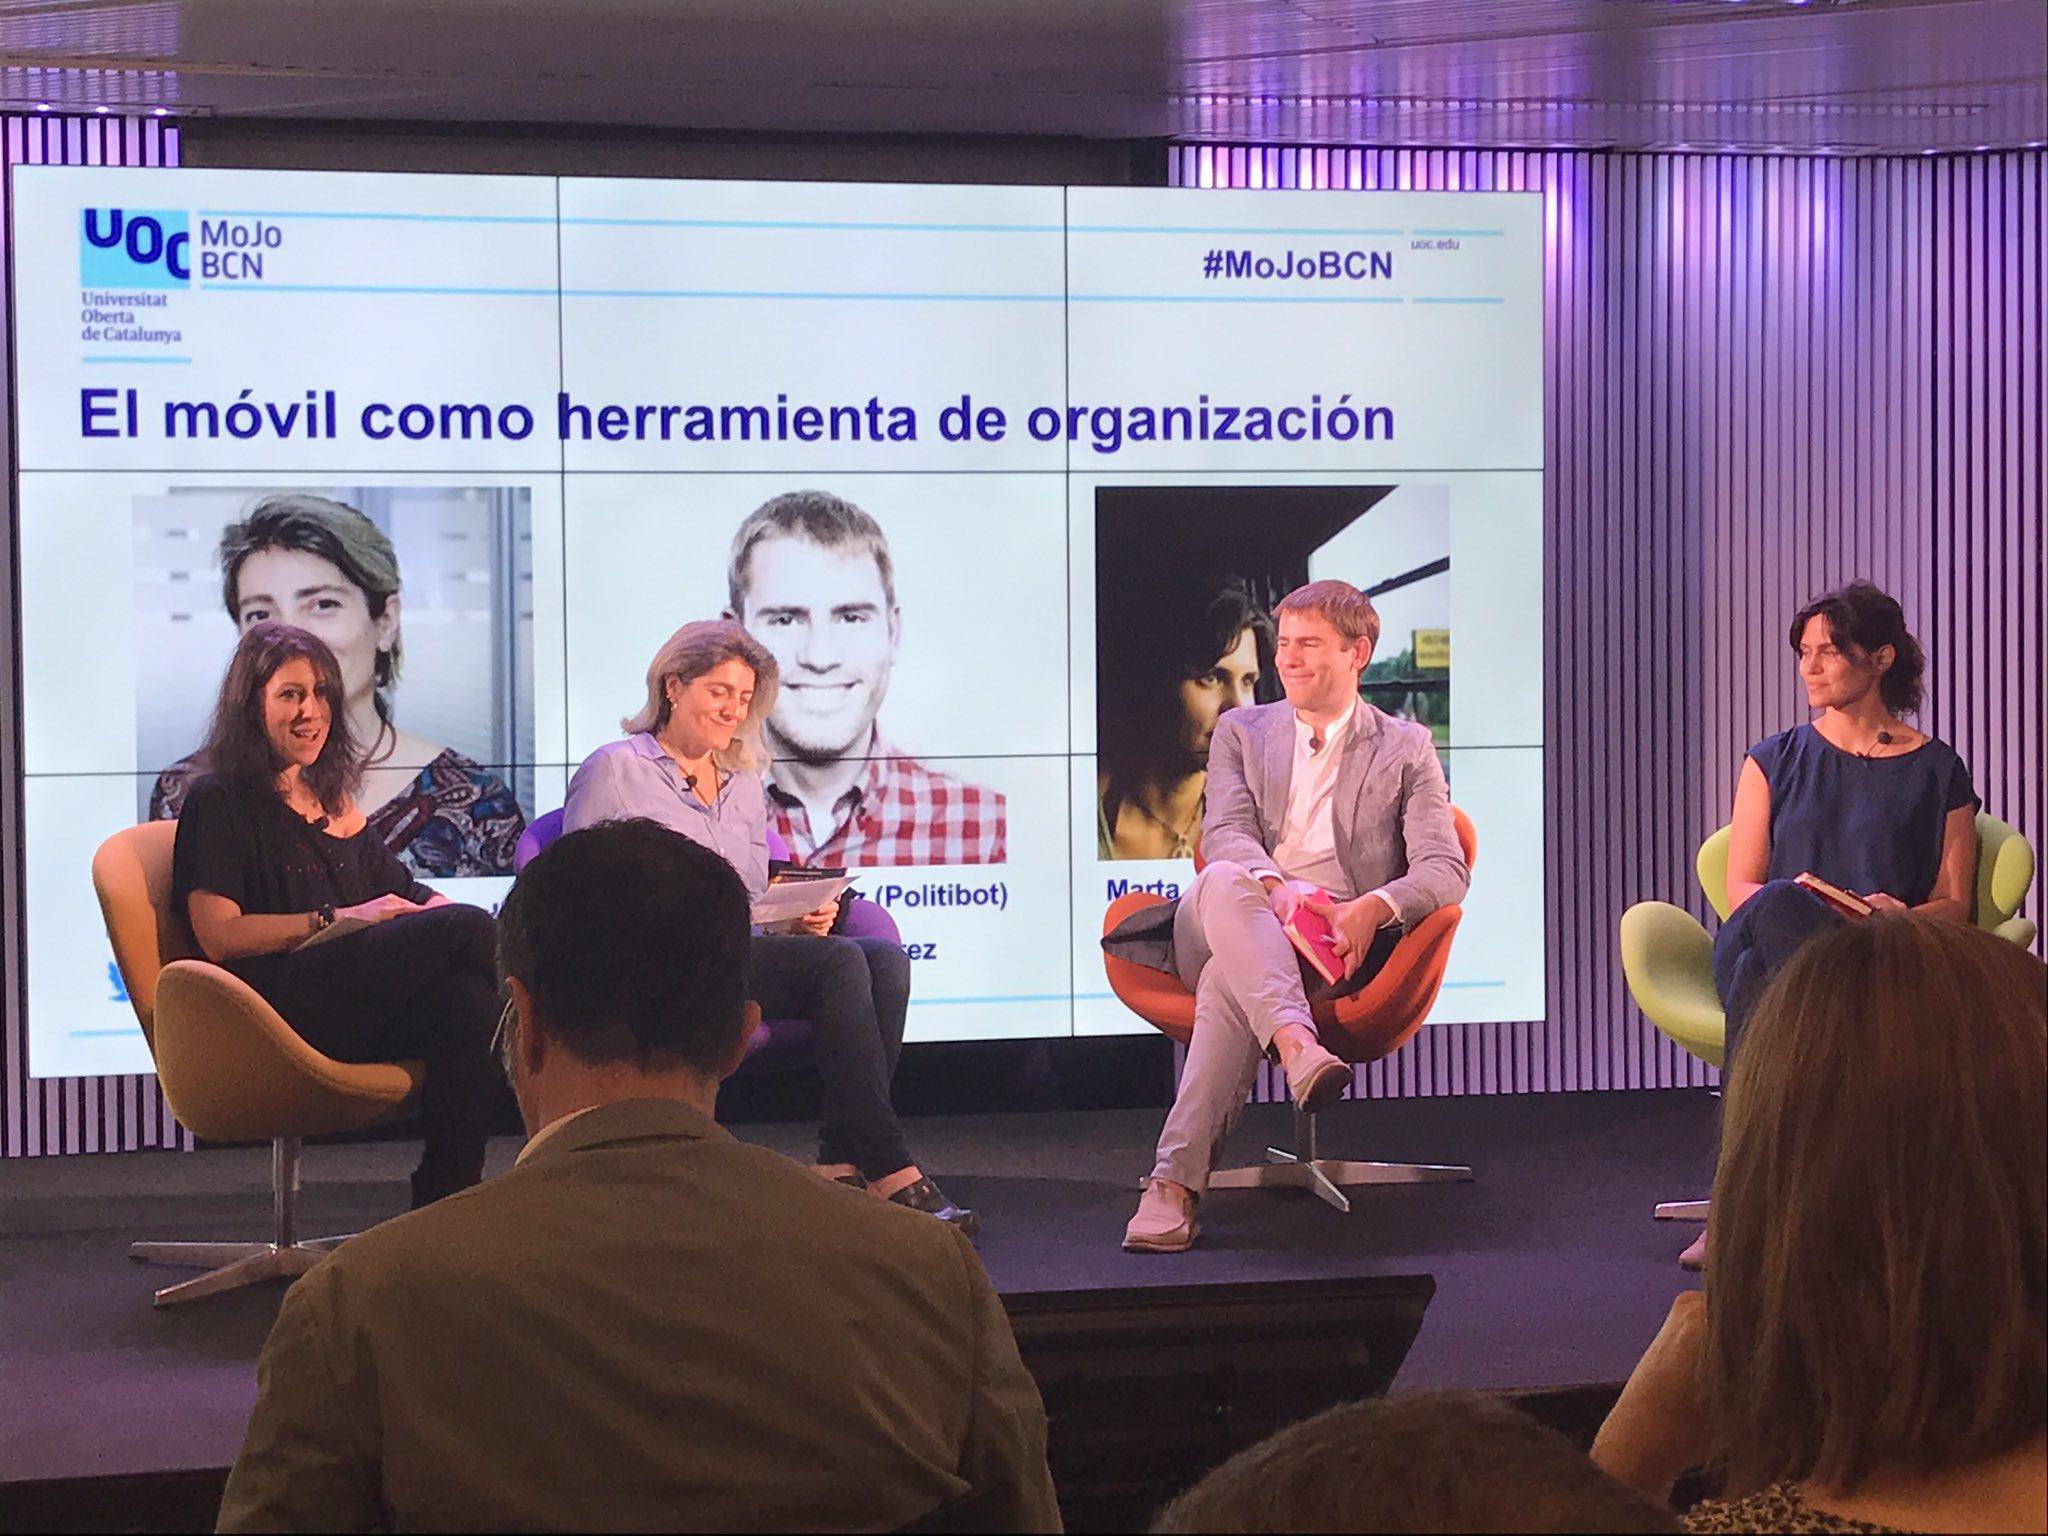 'El 📱como herramienta de organización en #periodismo' comienza la mesa redonda con @kpeiro, @eduardosuarez y @martarias en #MoJoBCN https://t.co/lcNSPGRObM